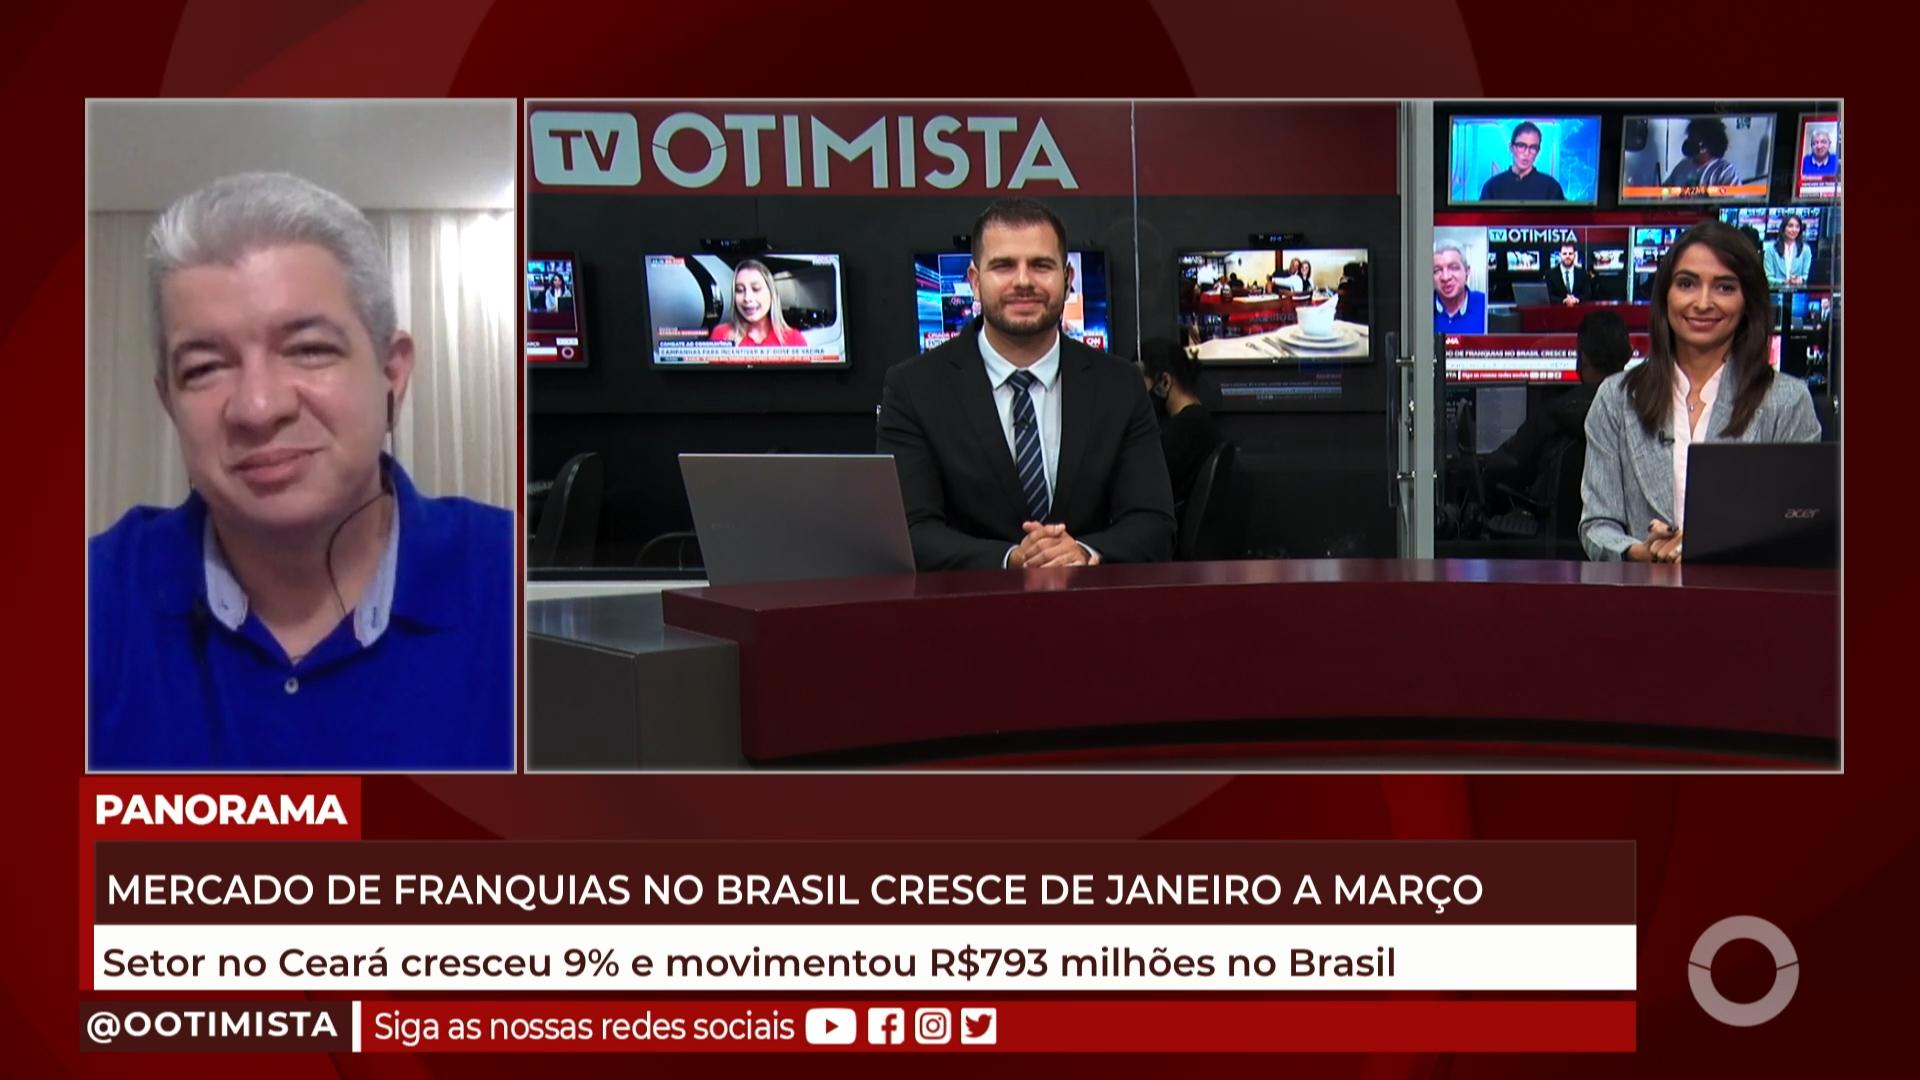 Mercado de franquias no Brasil cresce de Janeiro e Março de 2021